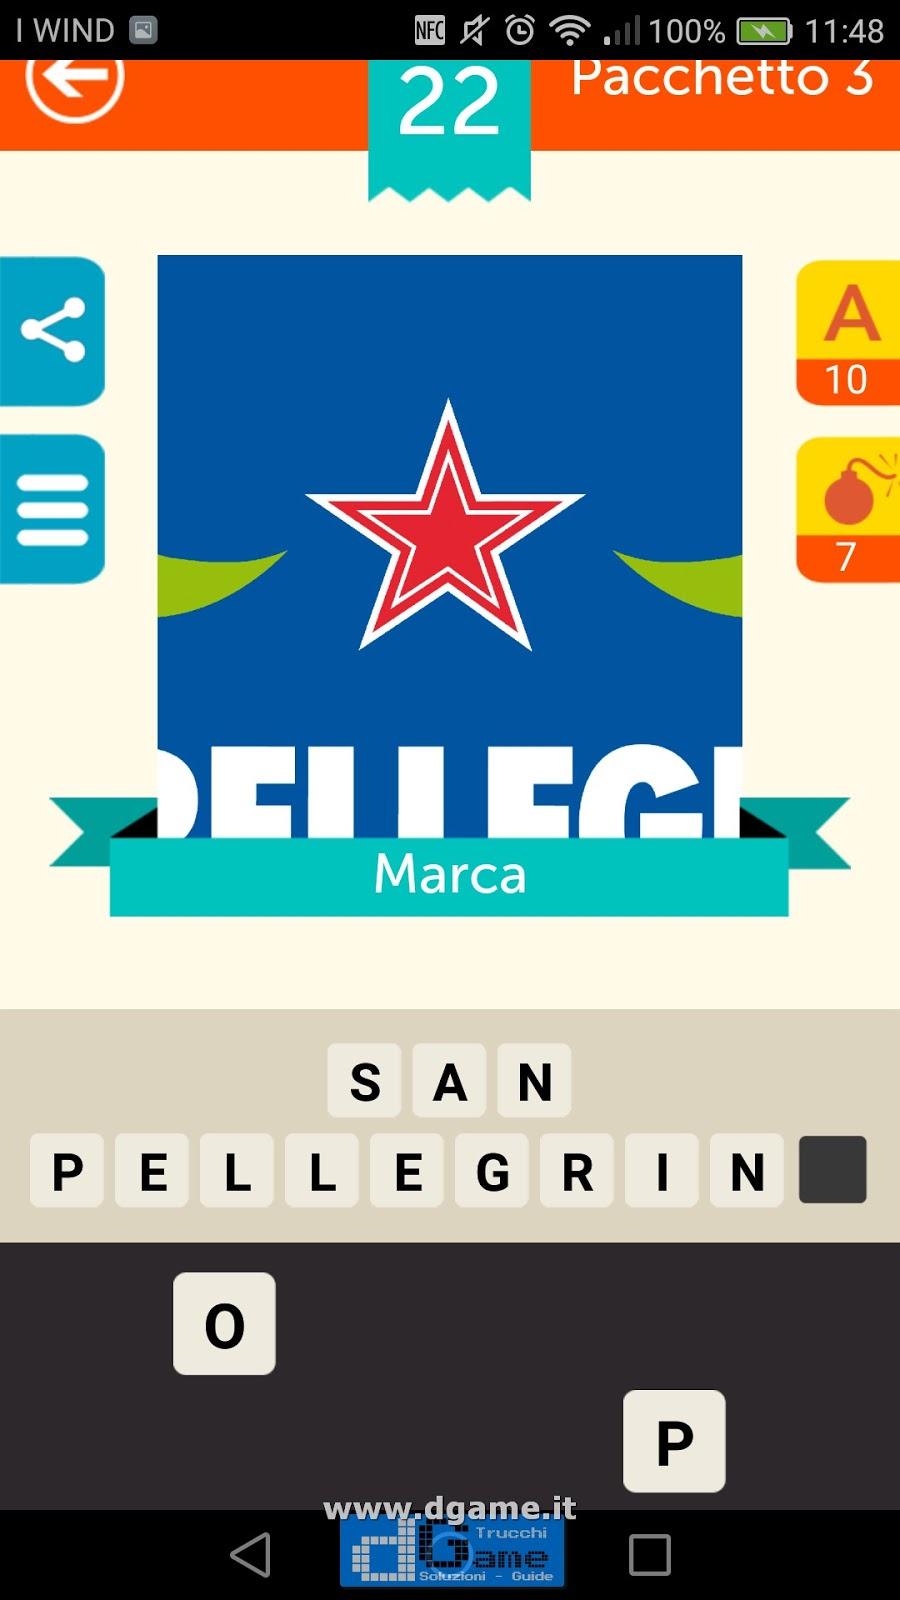 Iconica italia pop logo quiz soluzione pacchetto 3 livelli for Soluzione iconica